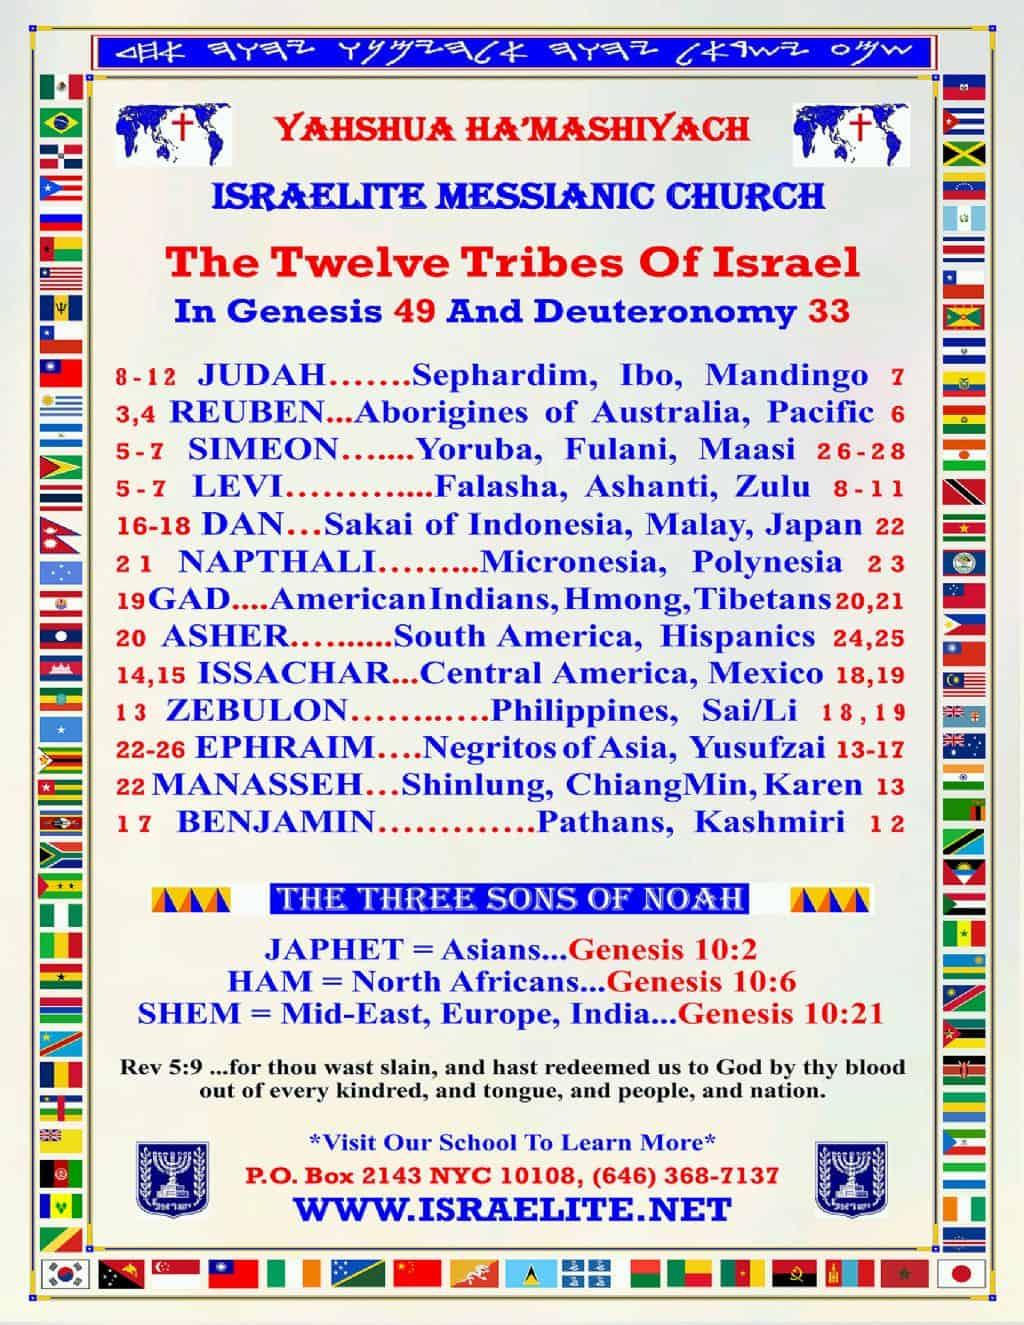 The Twelve Tribes Of Israel Israelite DOT net